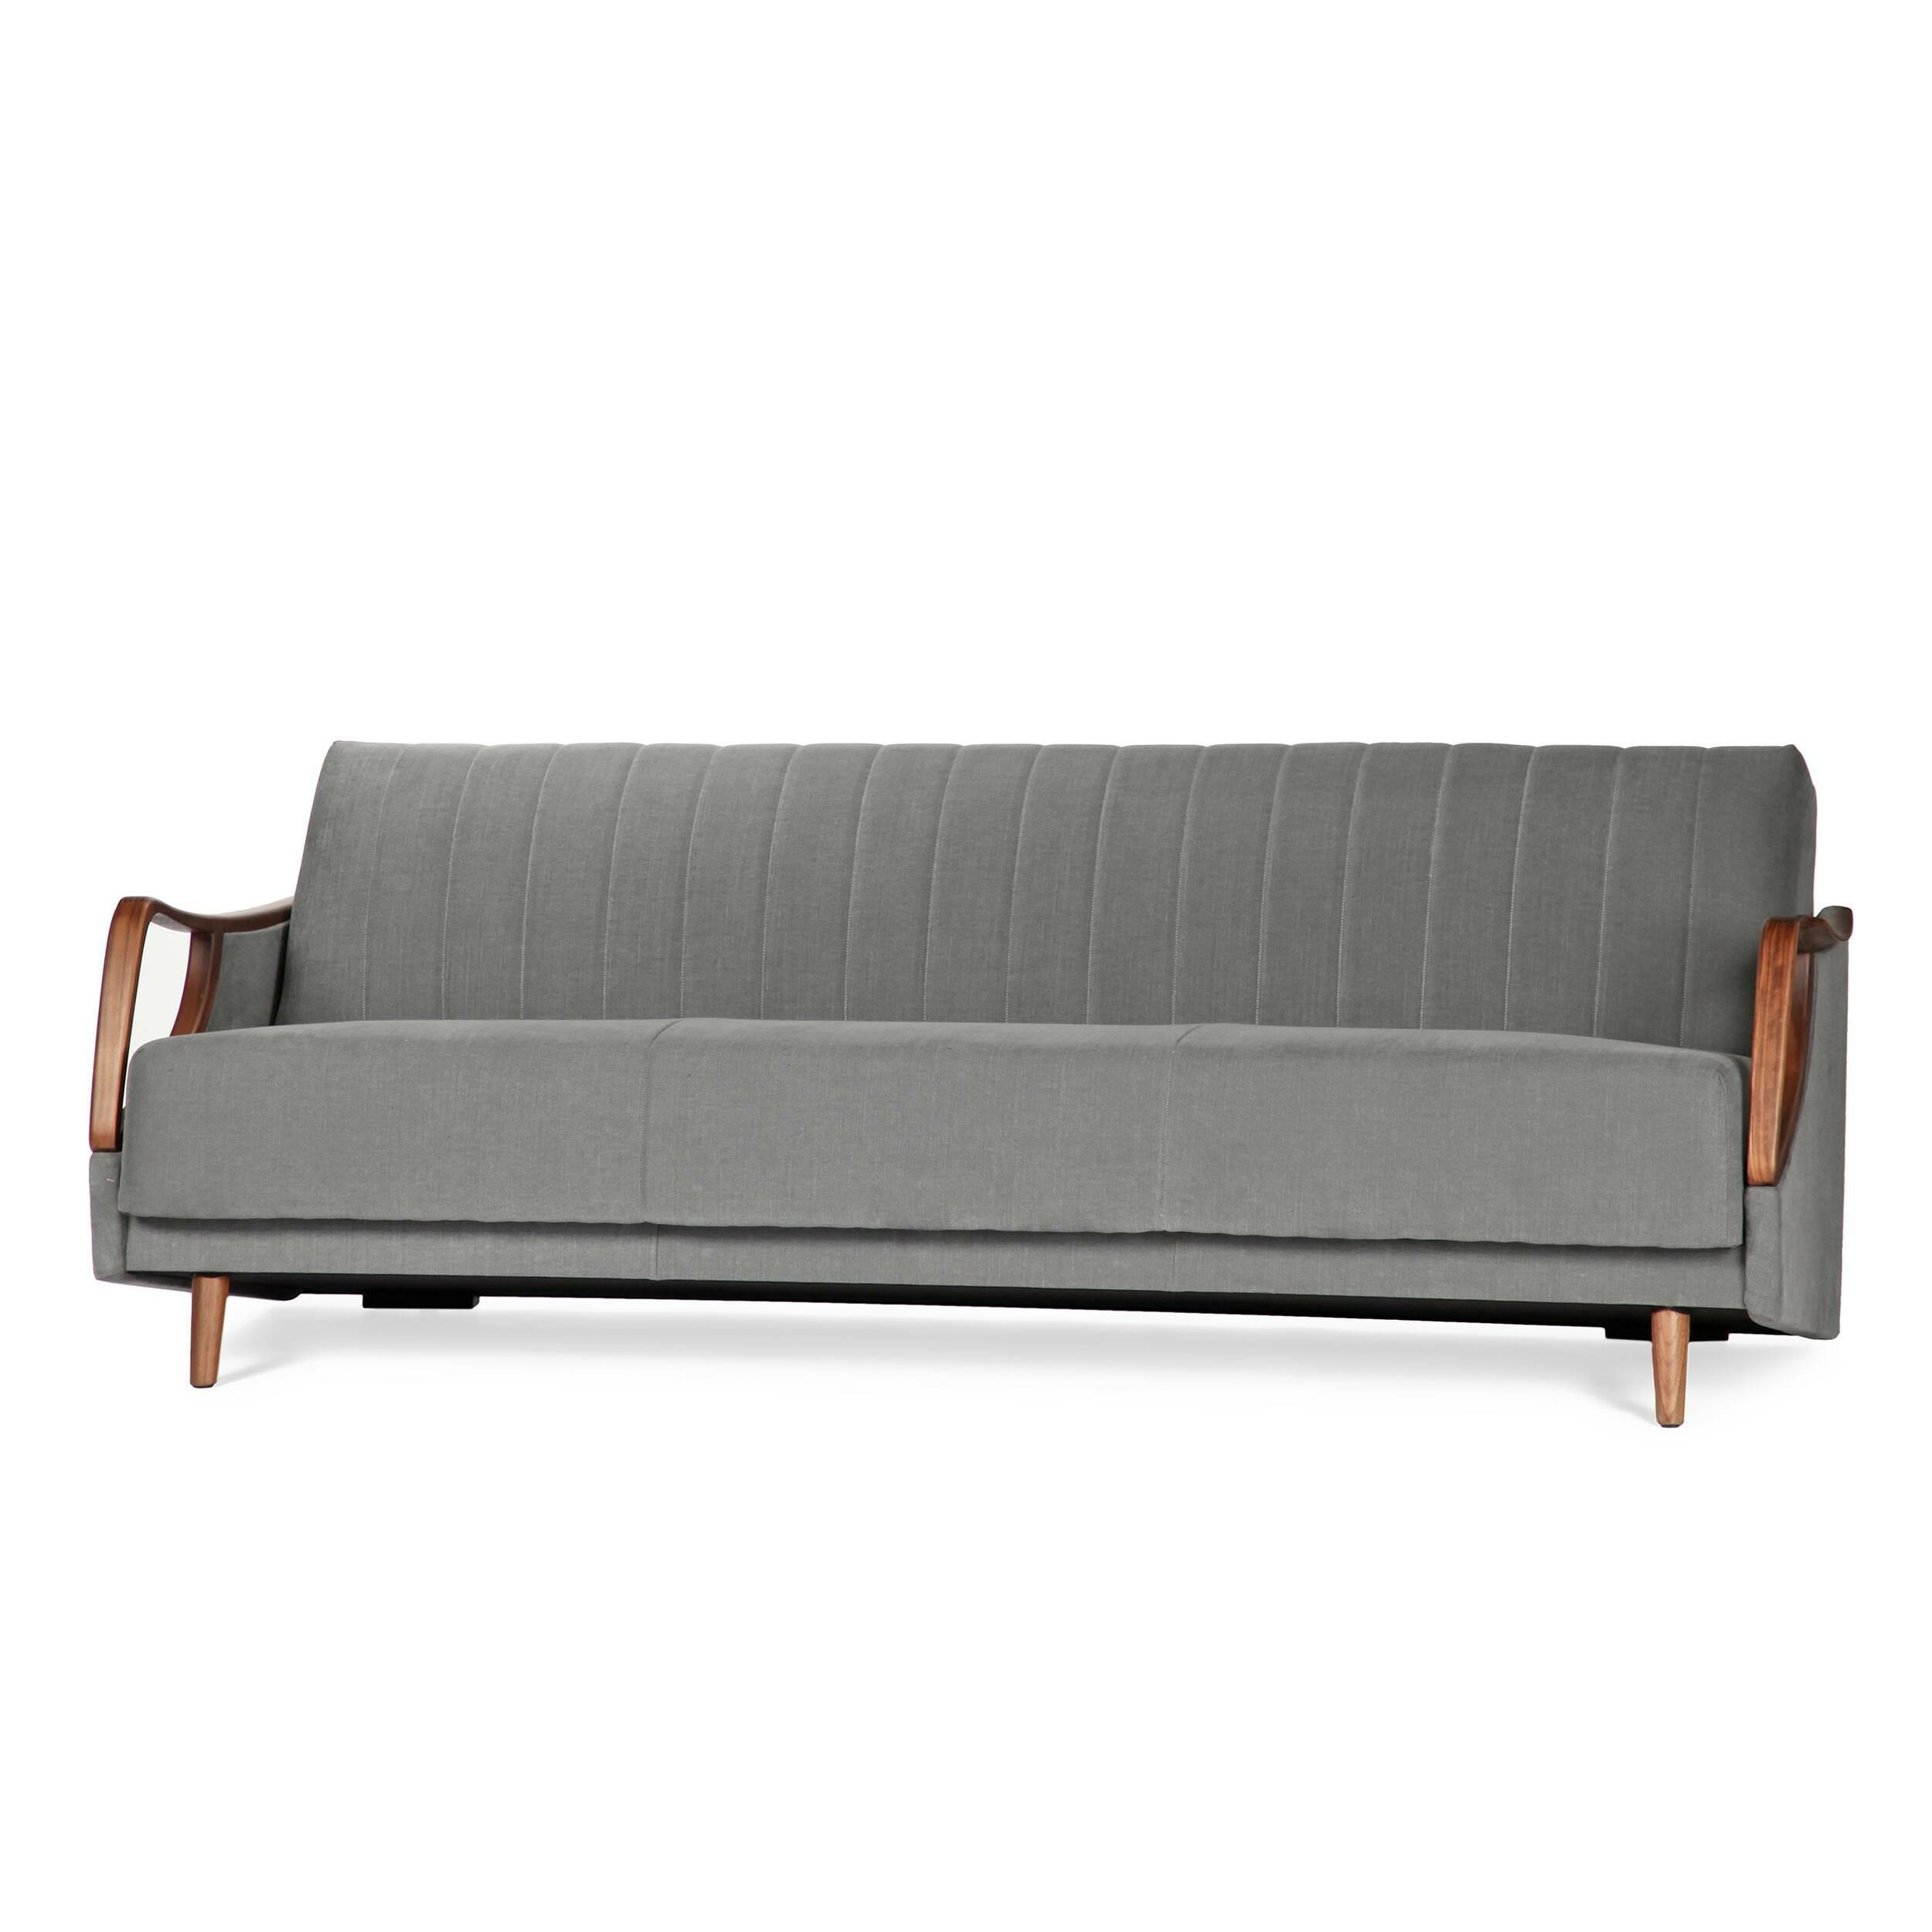 Диван EssexРаскладные<br>Дизайнерский удобный диван Essex (Иссекс) с обивкой из хлопка и льна с деревянным каркасом от Cosmo (Космо).Классический диван и ничего лишнего — все это о диване Essex от компании Cosmo. Большие залы, уютные столичные гостиные, просторные гостиничные фойе и офисы престижных компаний... Где бы ни находился  оригинальный диван Essex, везде царит атмосфера красоты и уюта.<br> <br> Строгие, но плавные формы дивана удовлетворят любого, даже очень взыскательного любителя классической мебели. Экологичн...<br><br>stock: 2<br>Высота: 74,2<br>Глубина: 88<br>Длина: 211,7<br>Материал каркаса: Массив ореха<br>Материал обивки: Хлопок, Лен<br>Тип материала каркаса: Дерево<br>Коллекция ткани: Ray Fabric<br>Тип материала обивки: Ткань<br>Цвет обивки: Серый<br>Цвет каркаса: Орех